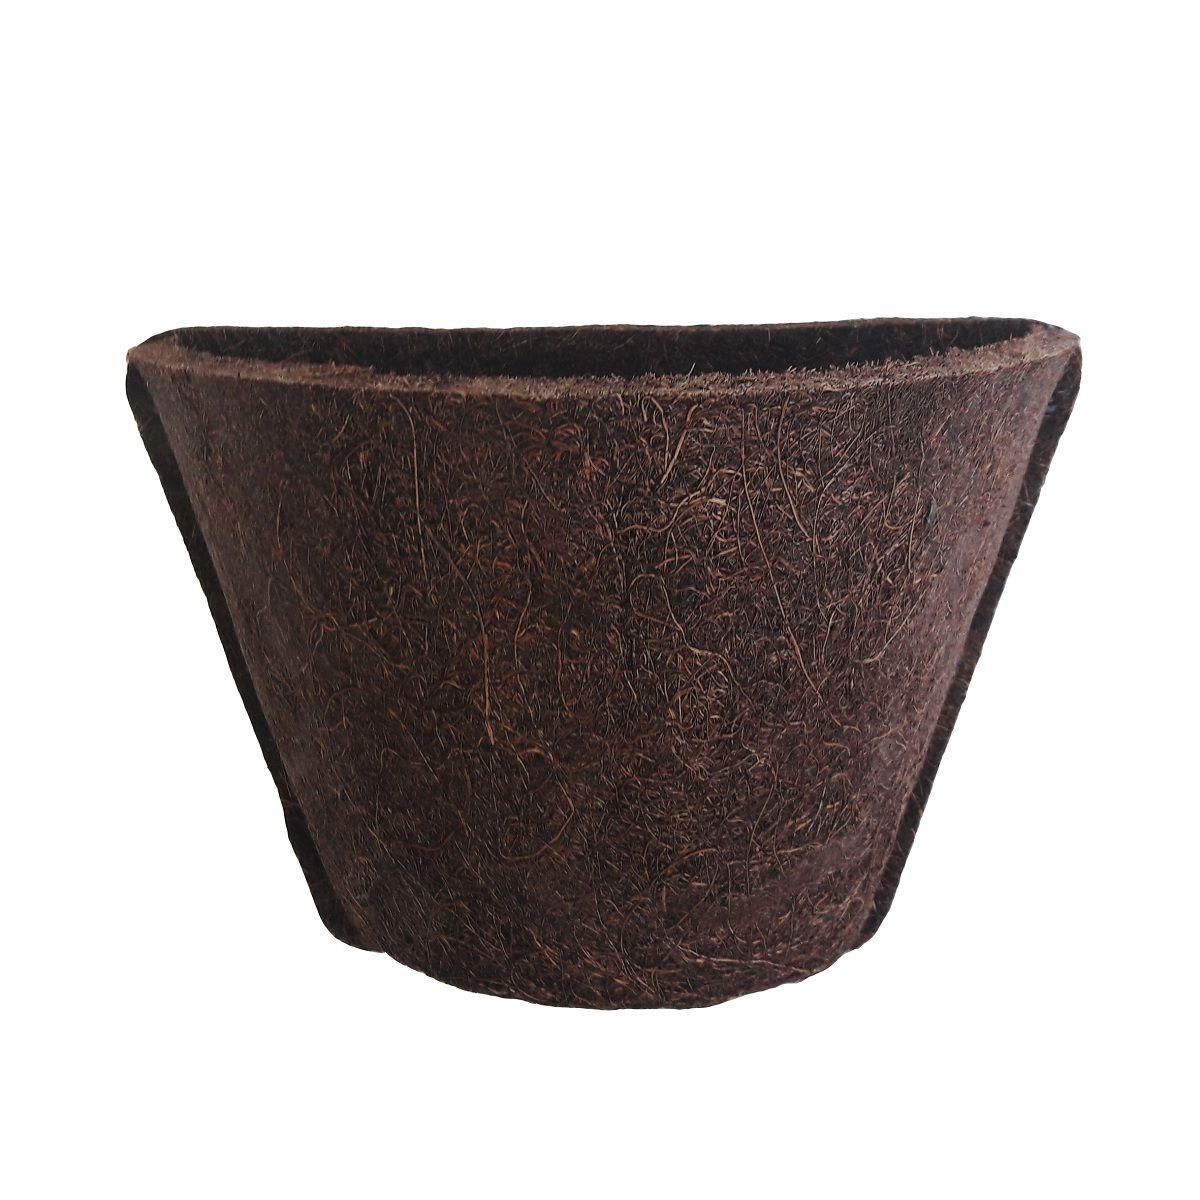 Meio Vaso 12 Com Placa Pequena de Fibra de Coco - COQUIM